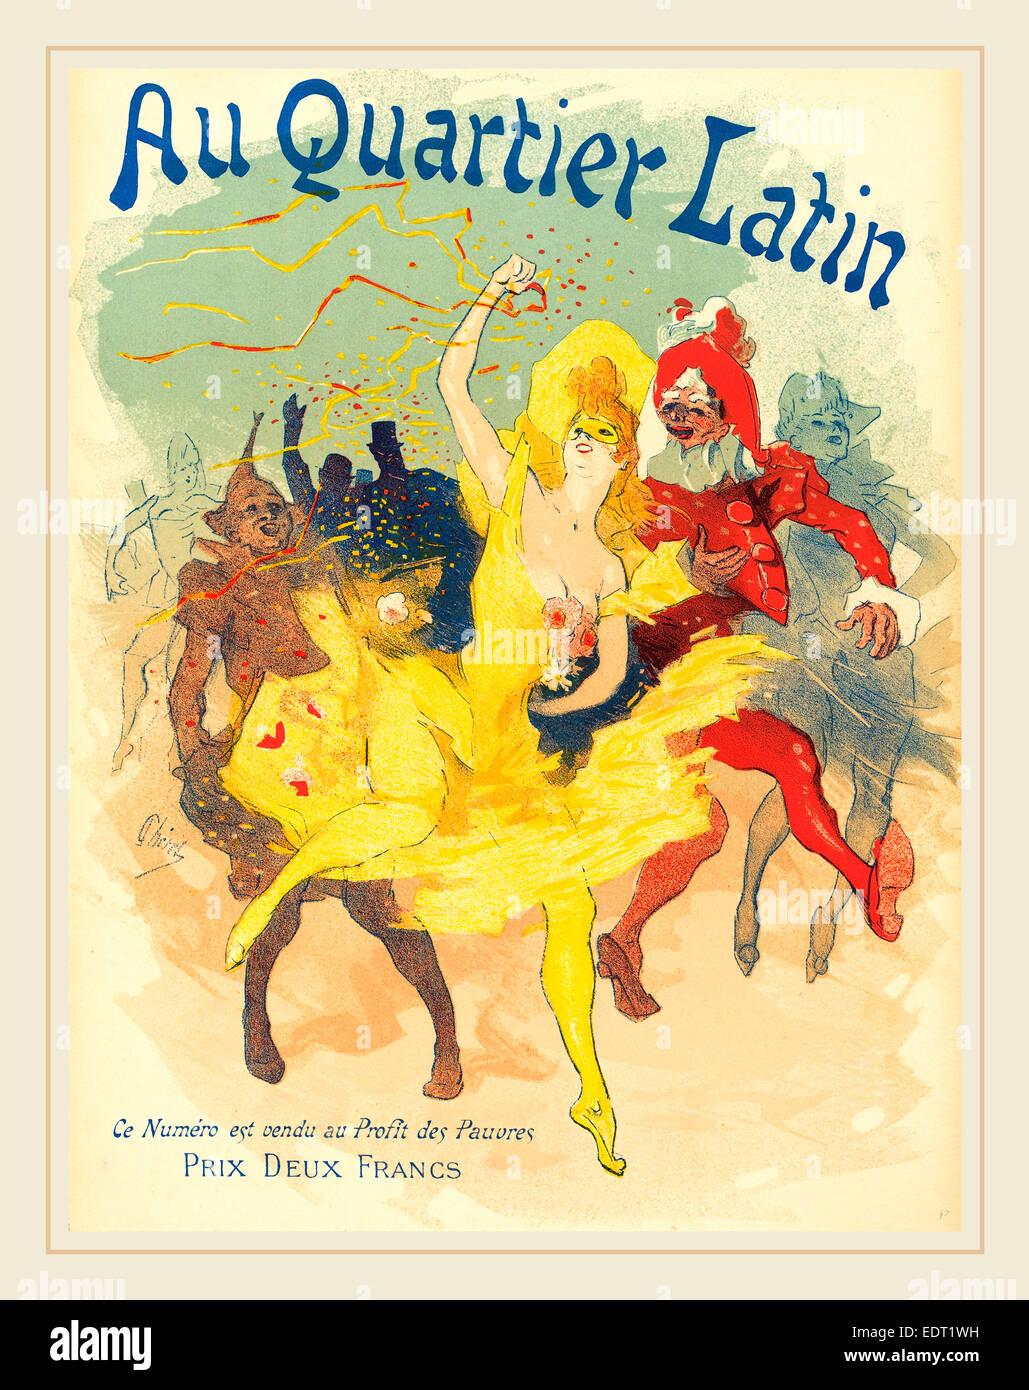 Jules Chéret (Français, 1836-1932), au Quartier Latin, 1894, lithographie couleur Photo Stock